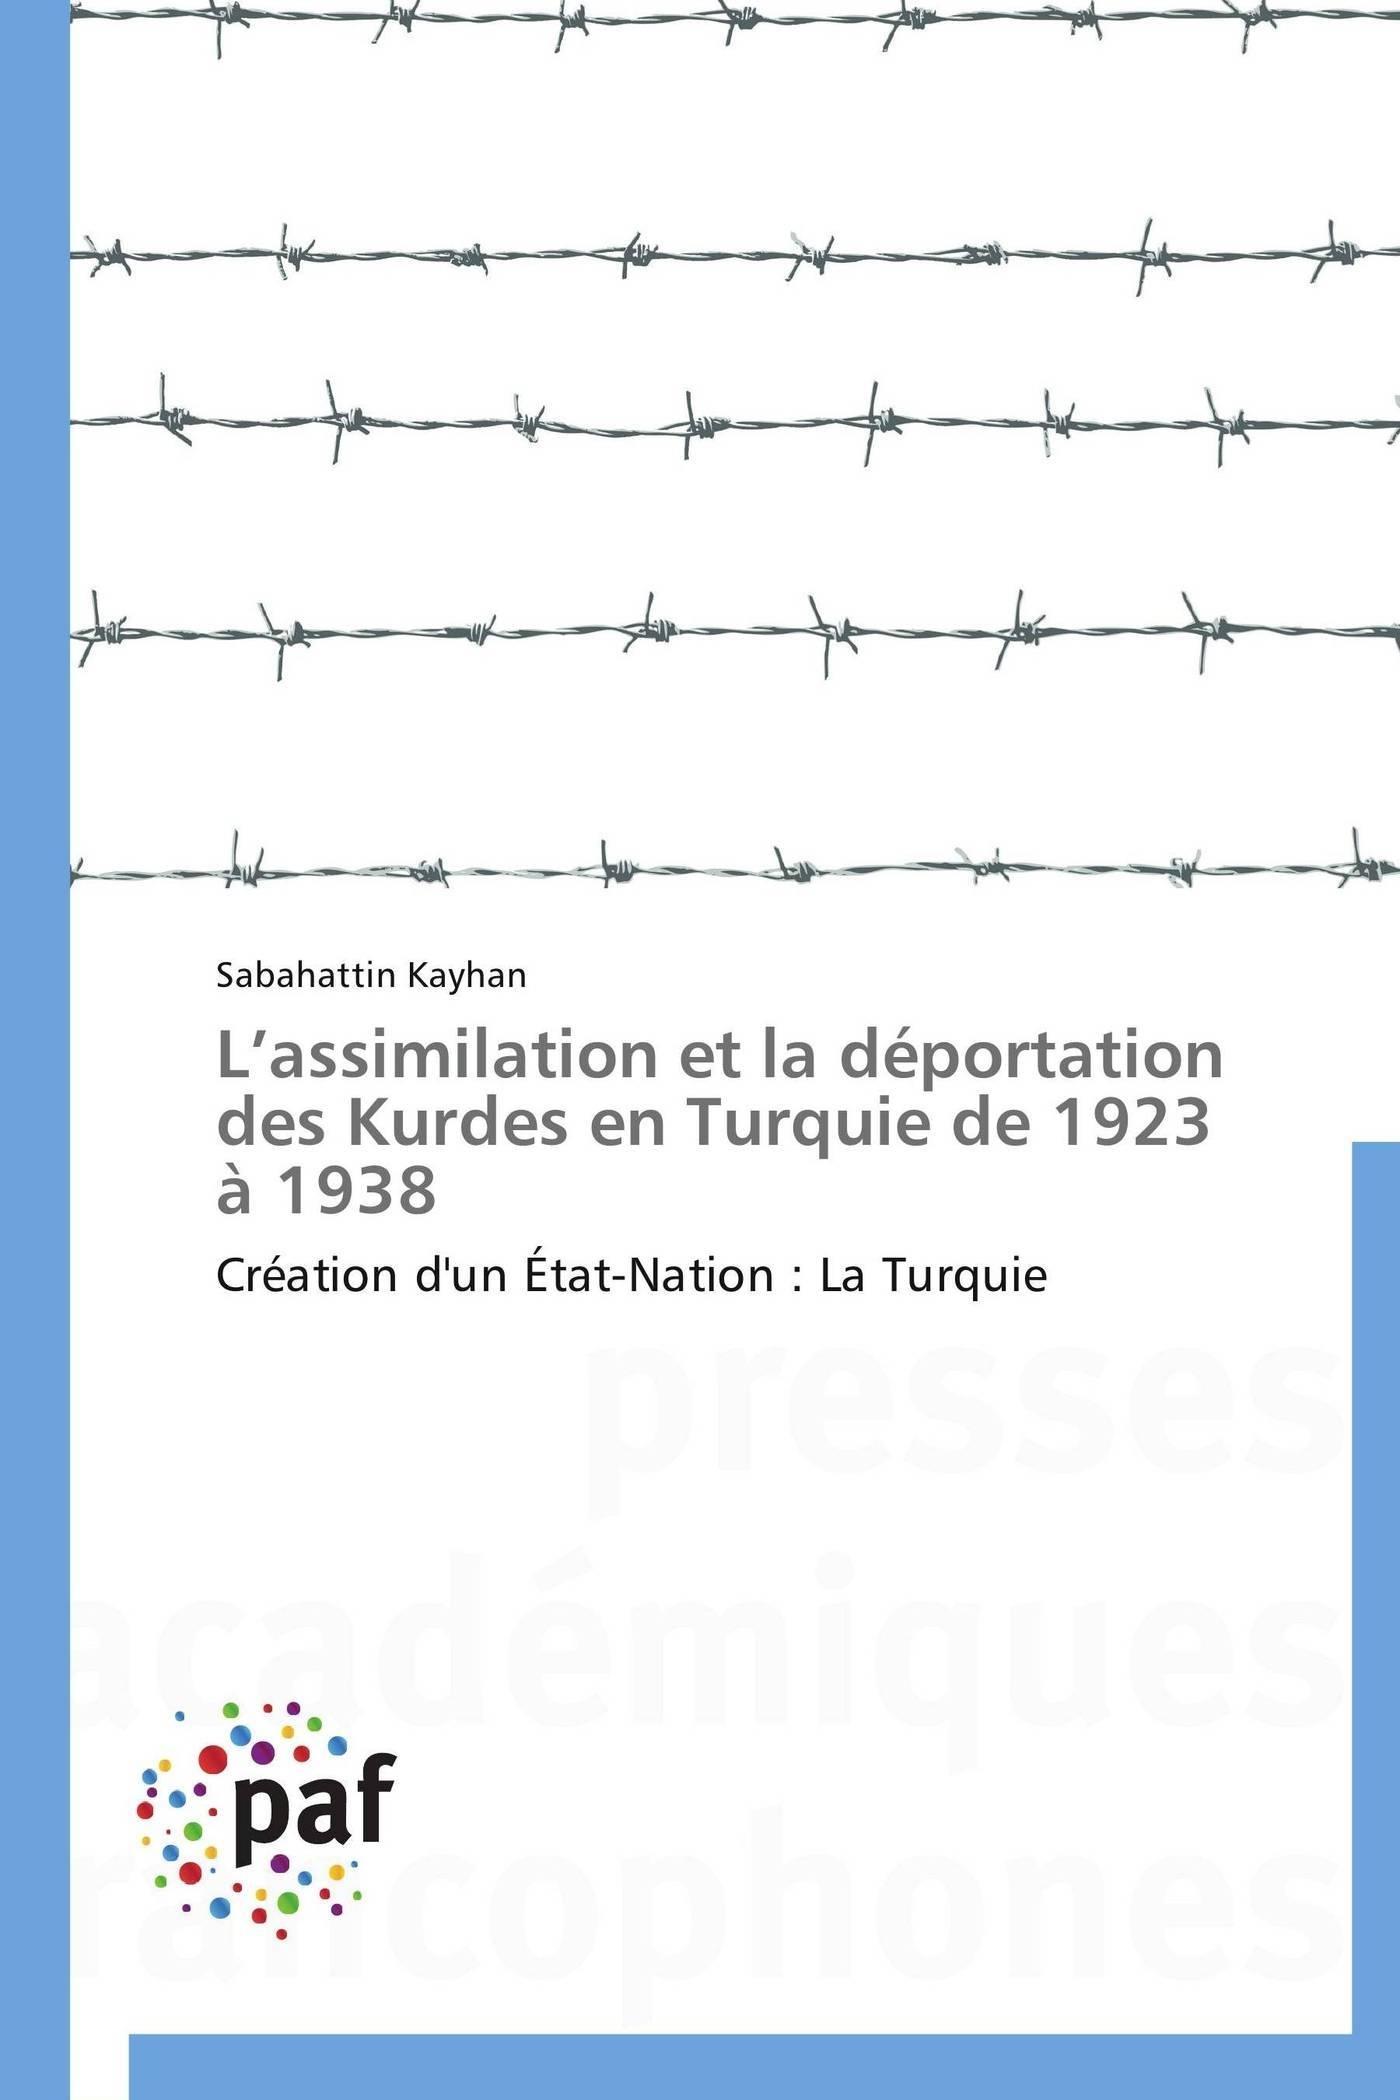 L ASSIMILATION ET LA DEPORTATION DES KURDES EN TURQUIE DE 1923 A 1938